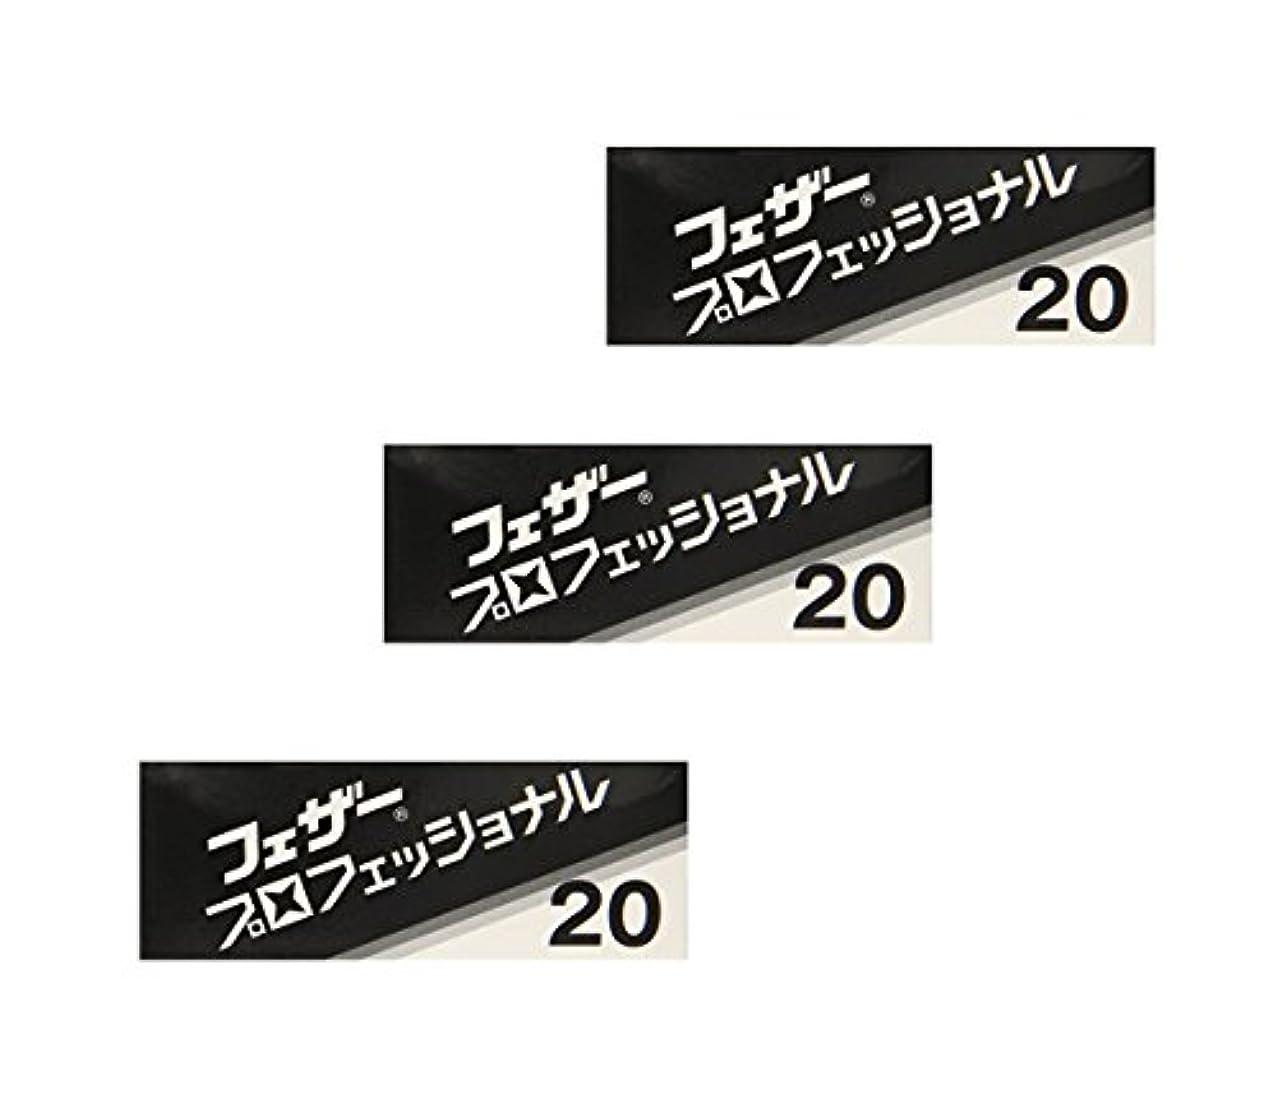 構成するボイラー意気込み【3個セット】 フェザー プロフェッショナルブレイド 20枚入 PB-20